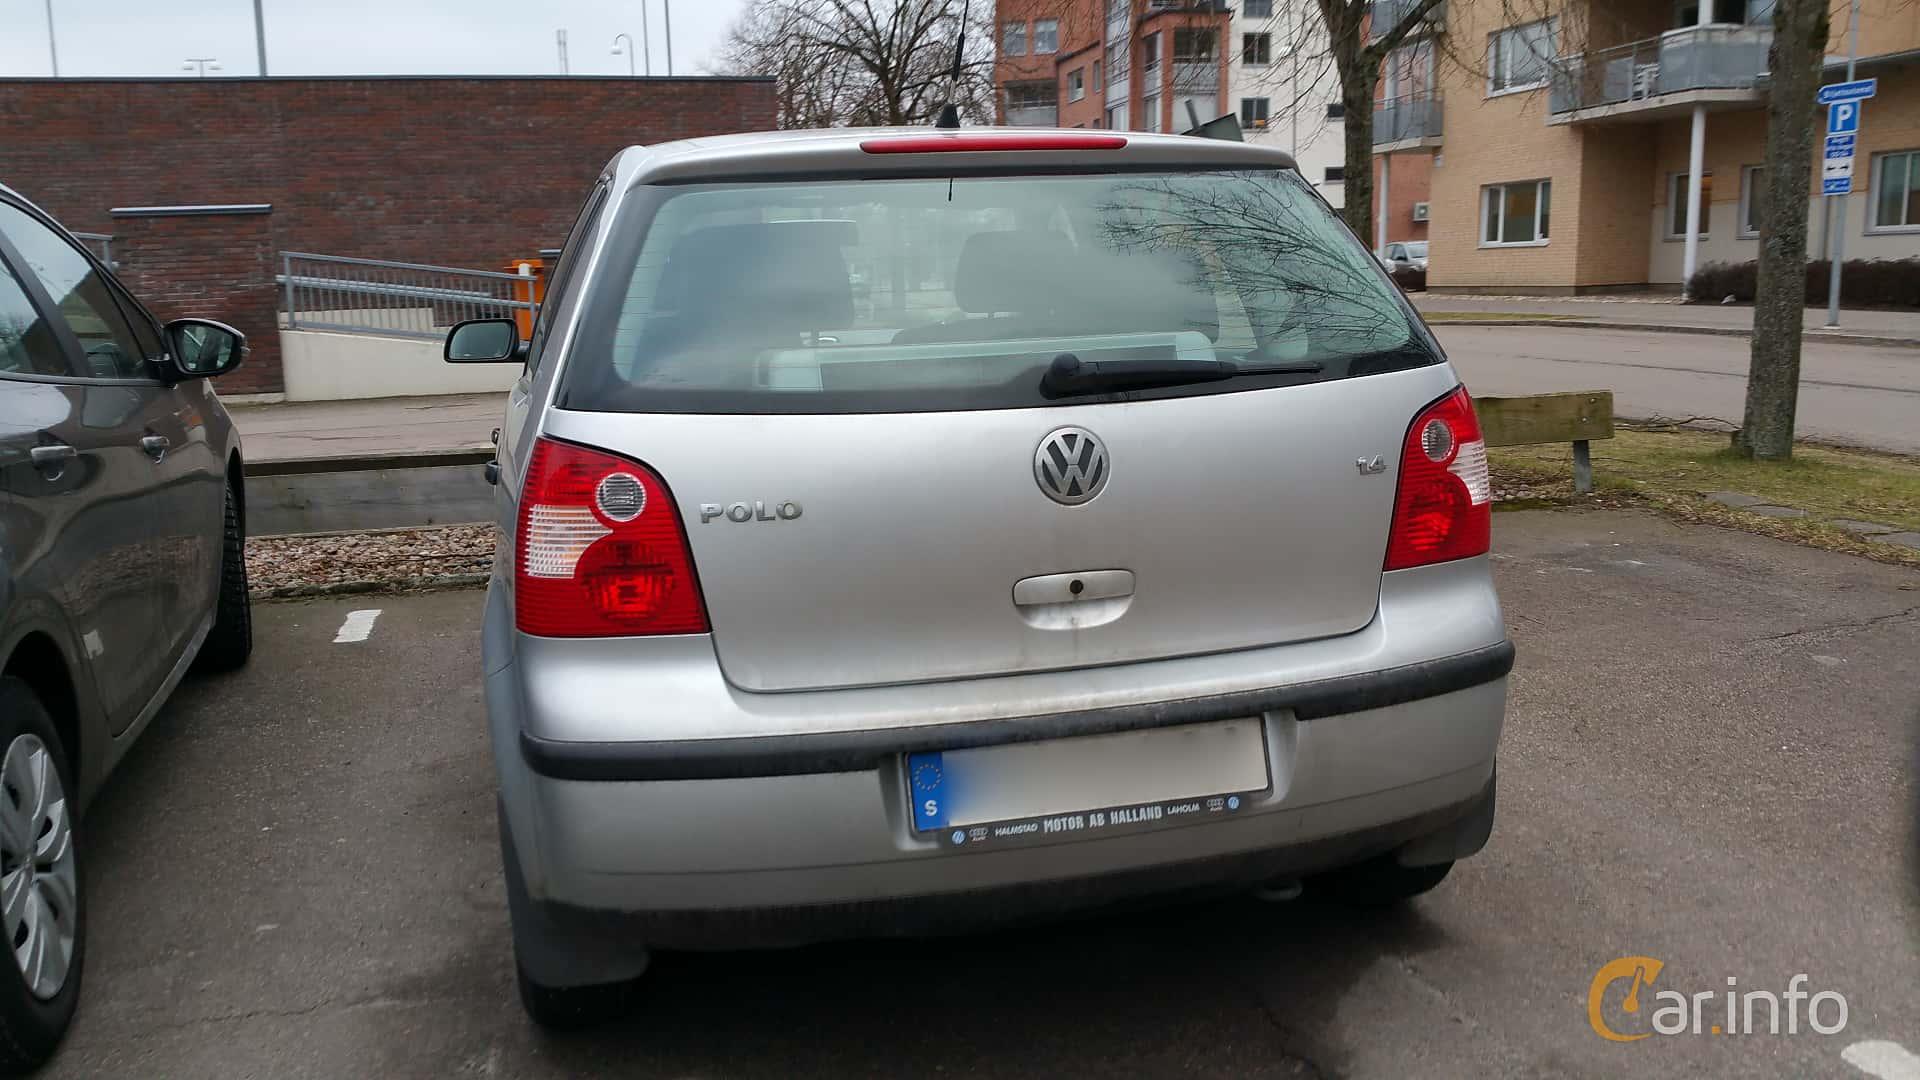 Back of Volkswagen Polo 5-door 1.4 Manual, 75ps, 2004